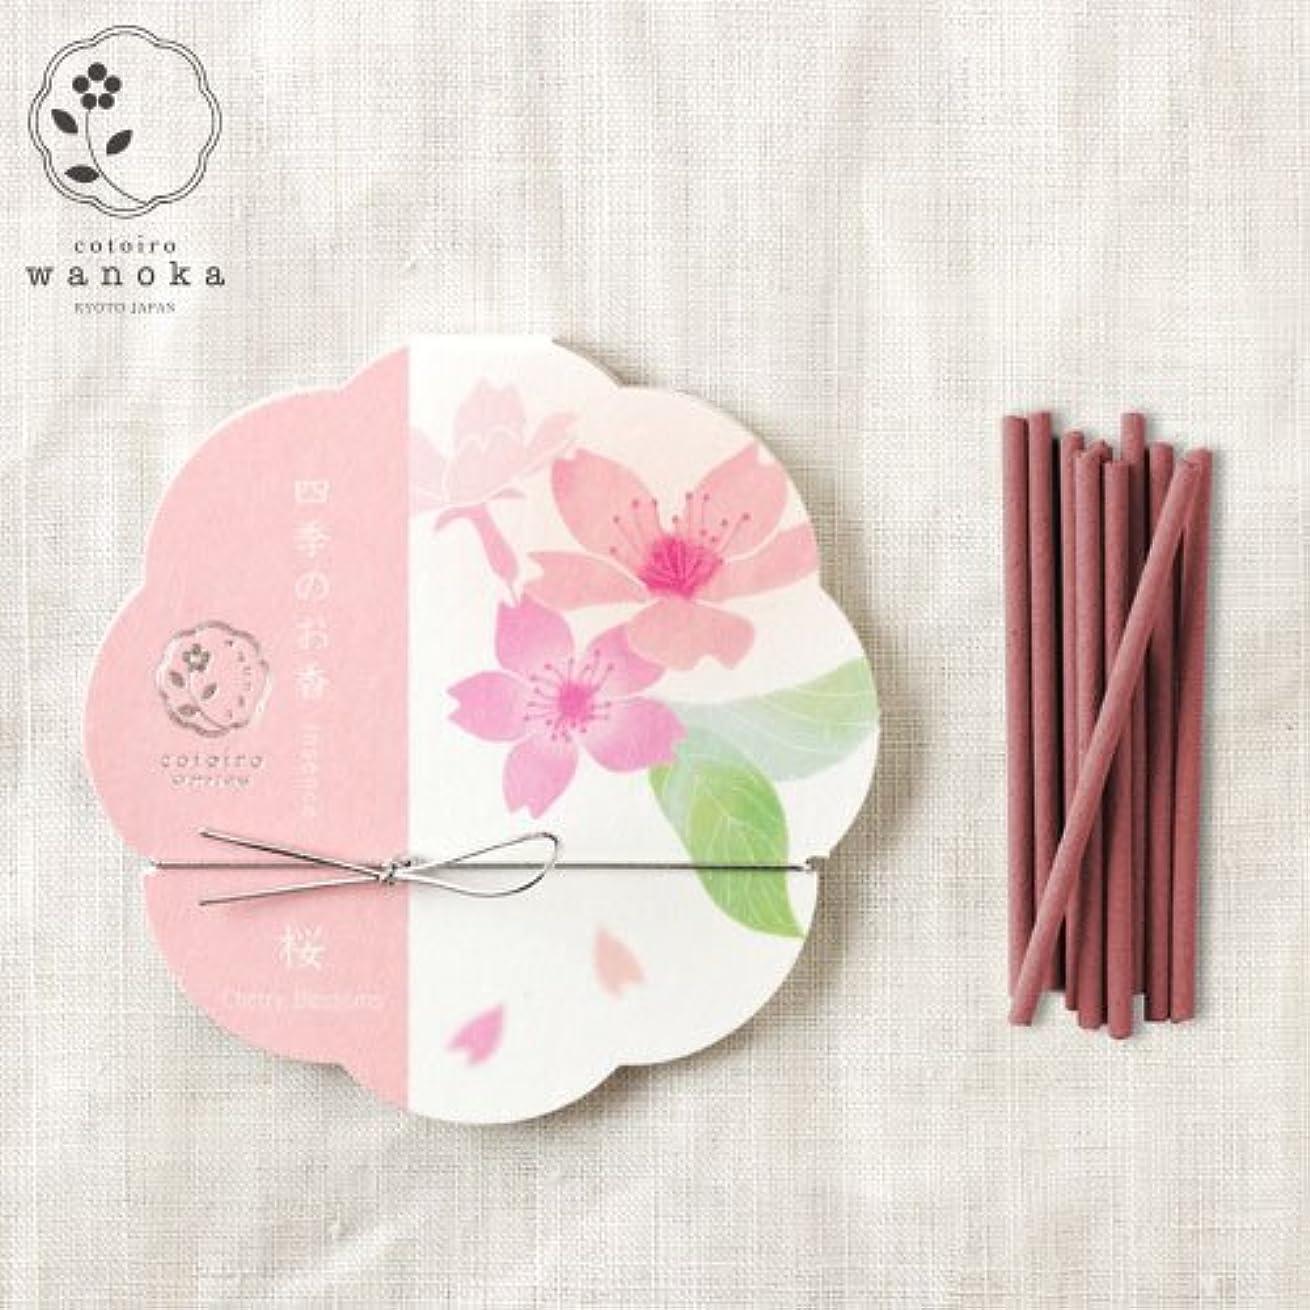 殺す壊れた入り口wanoka四季のお香(インセンス)桜《桜をイメージした甘い香り》ART LABIncense stick